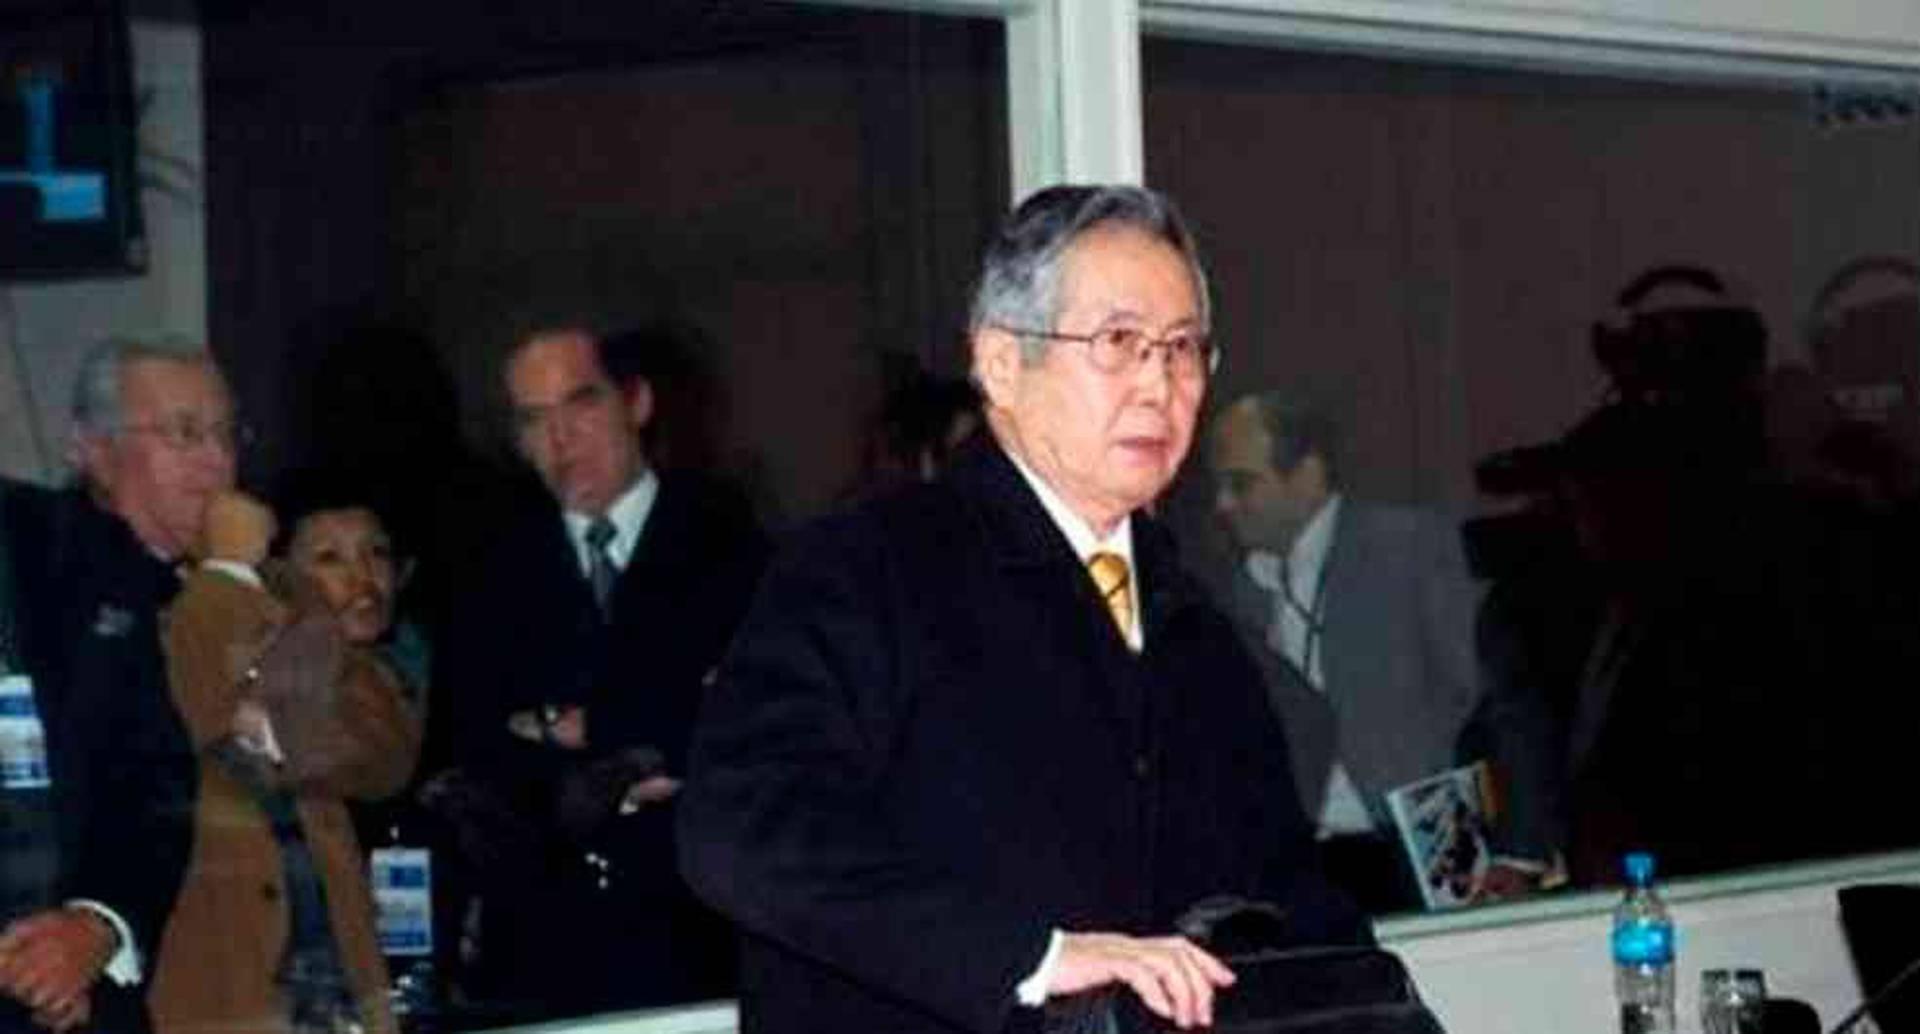 El expresidente peruano Alberto Fujimori fue condenado por usar dinero del Estado para financiar una guerra contra los opositores en su intento de reelección en el año 2000.